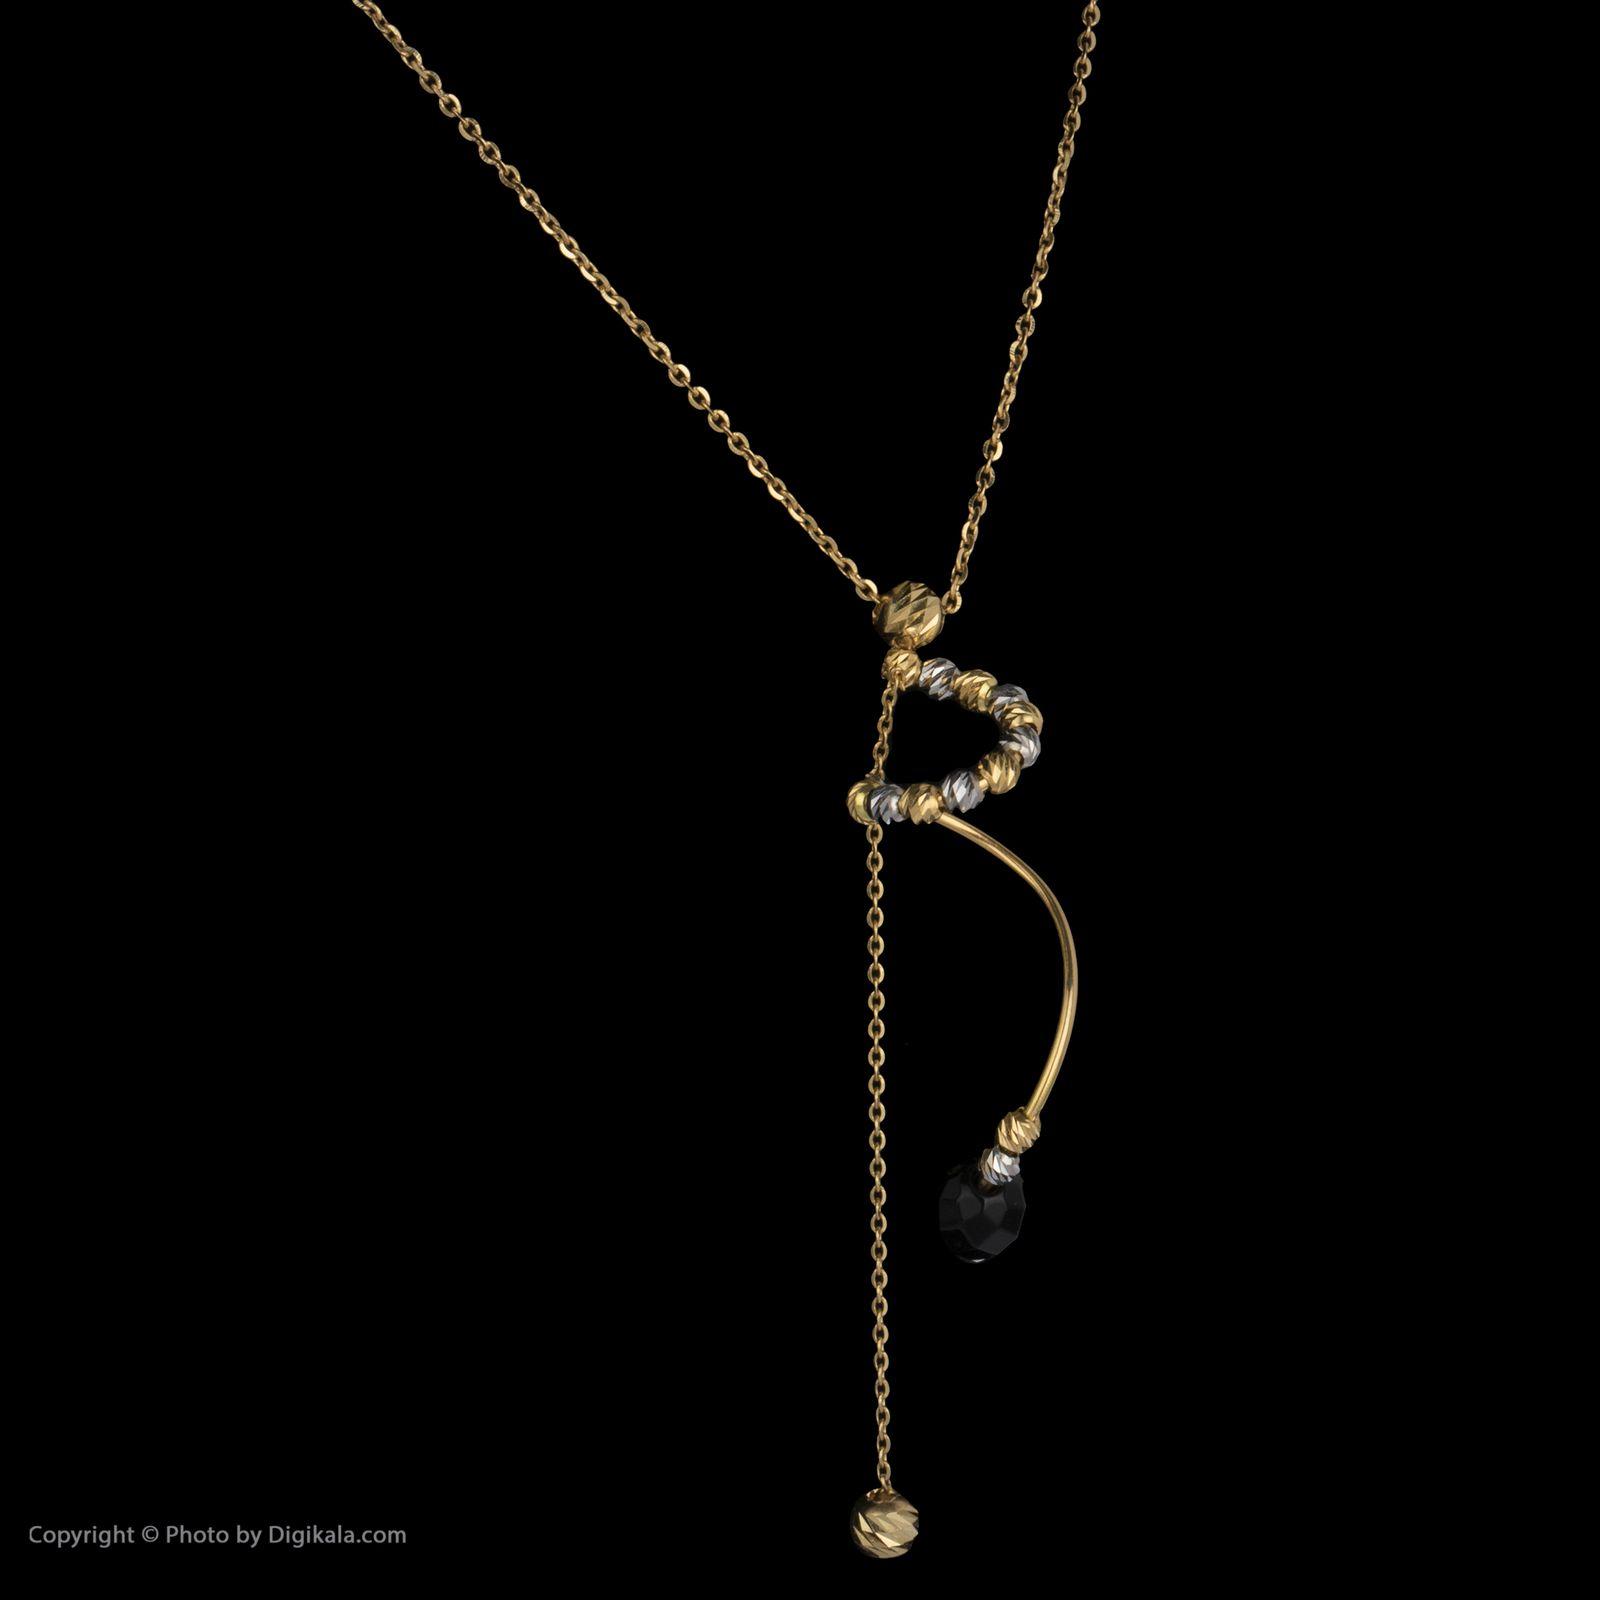 گردنبند طلا 18 عیار زنانه سیودو مدل 145719 -  - 4